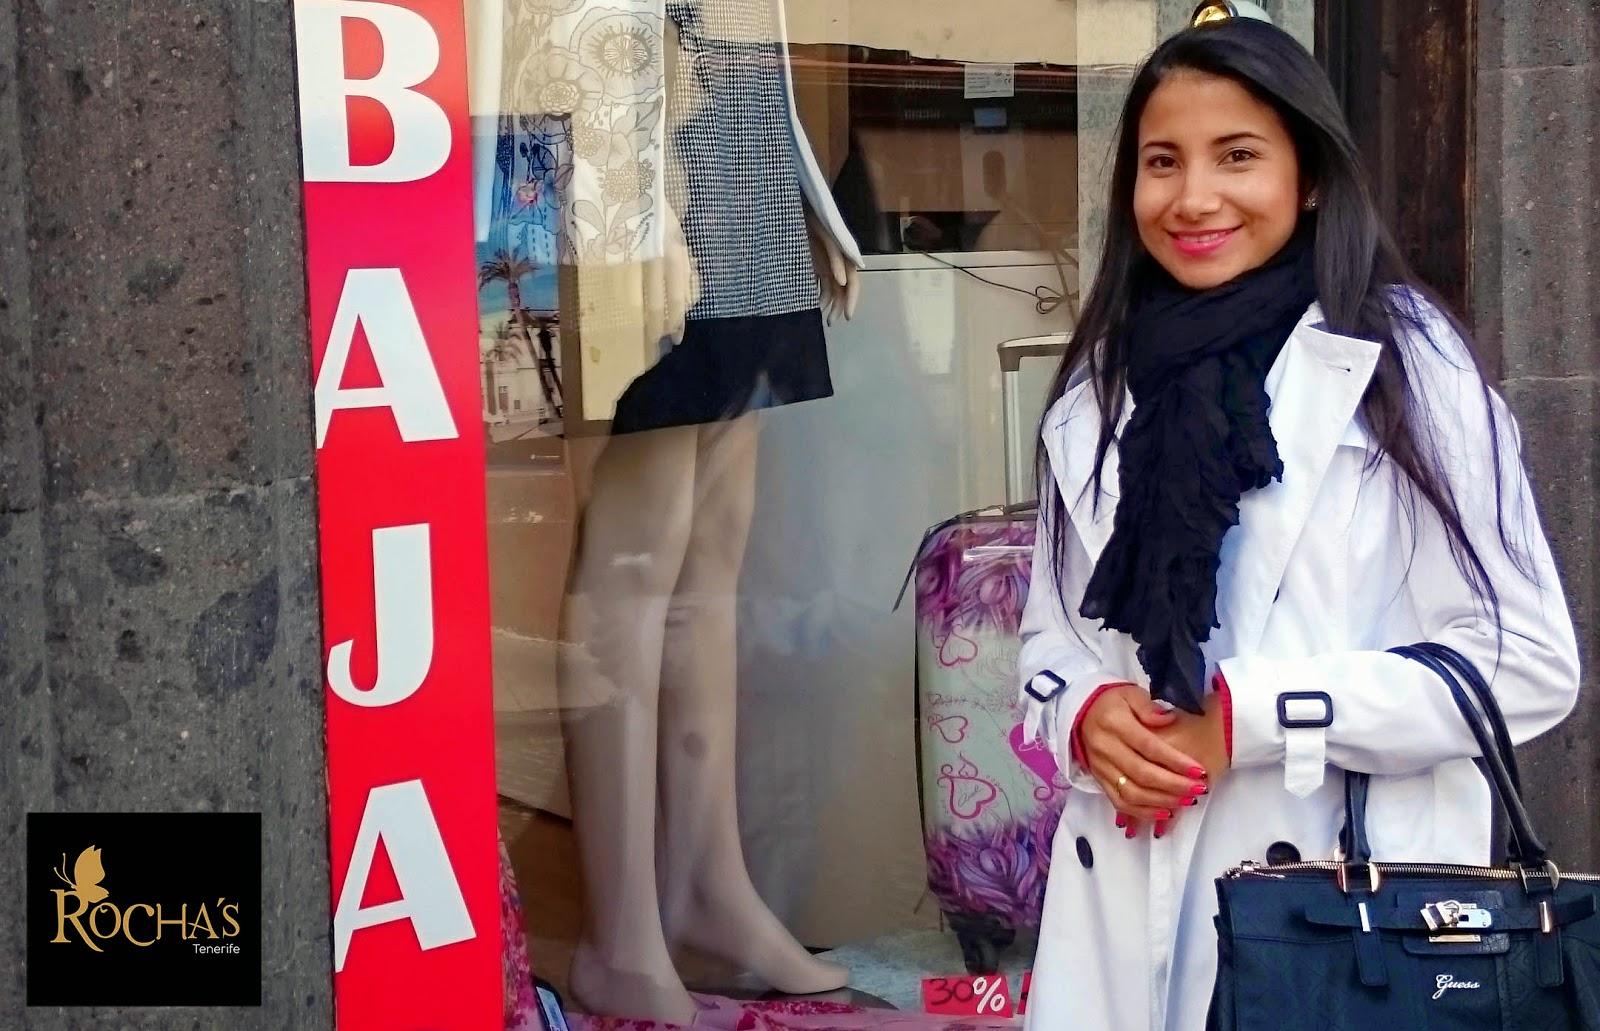 Descubre la boutique rocha´s Tenerife en la Orotava